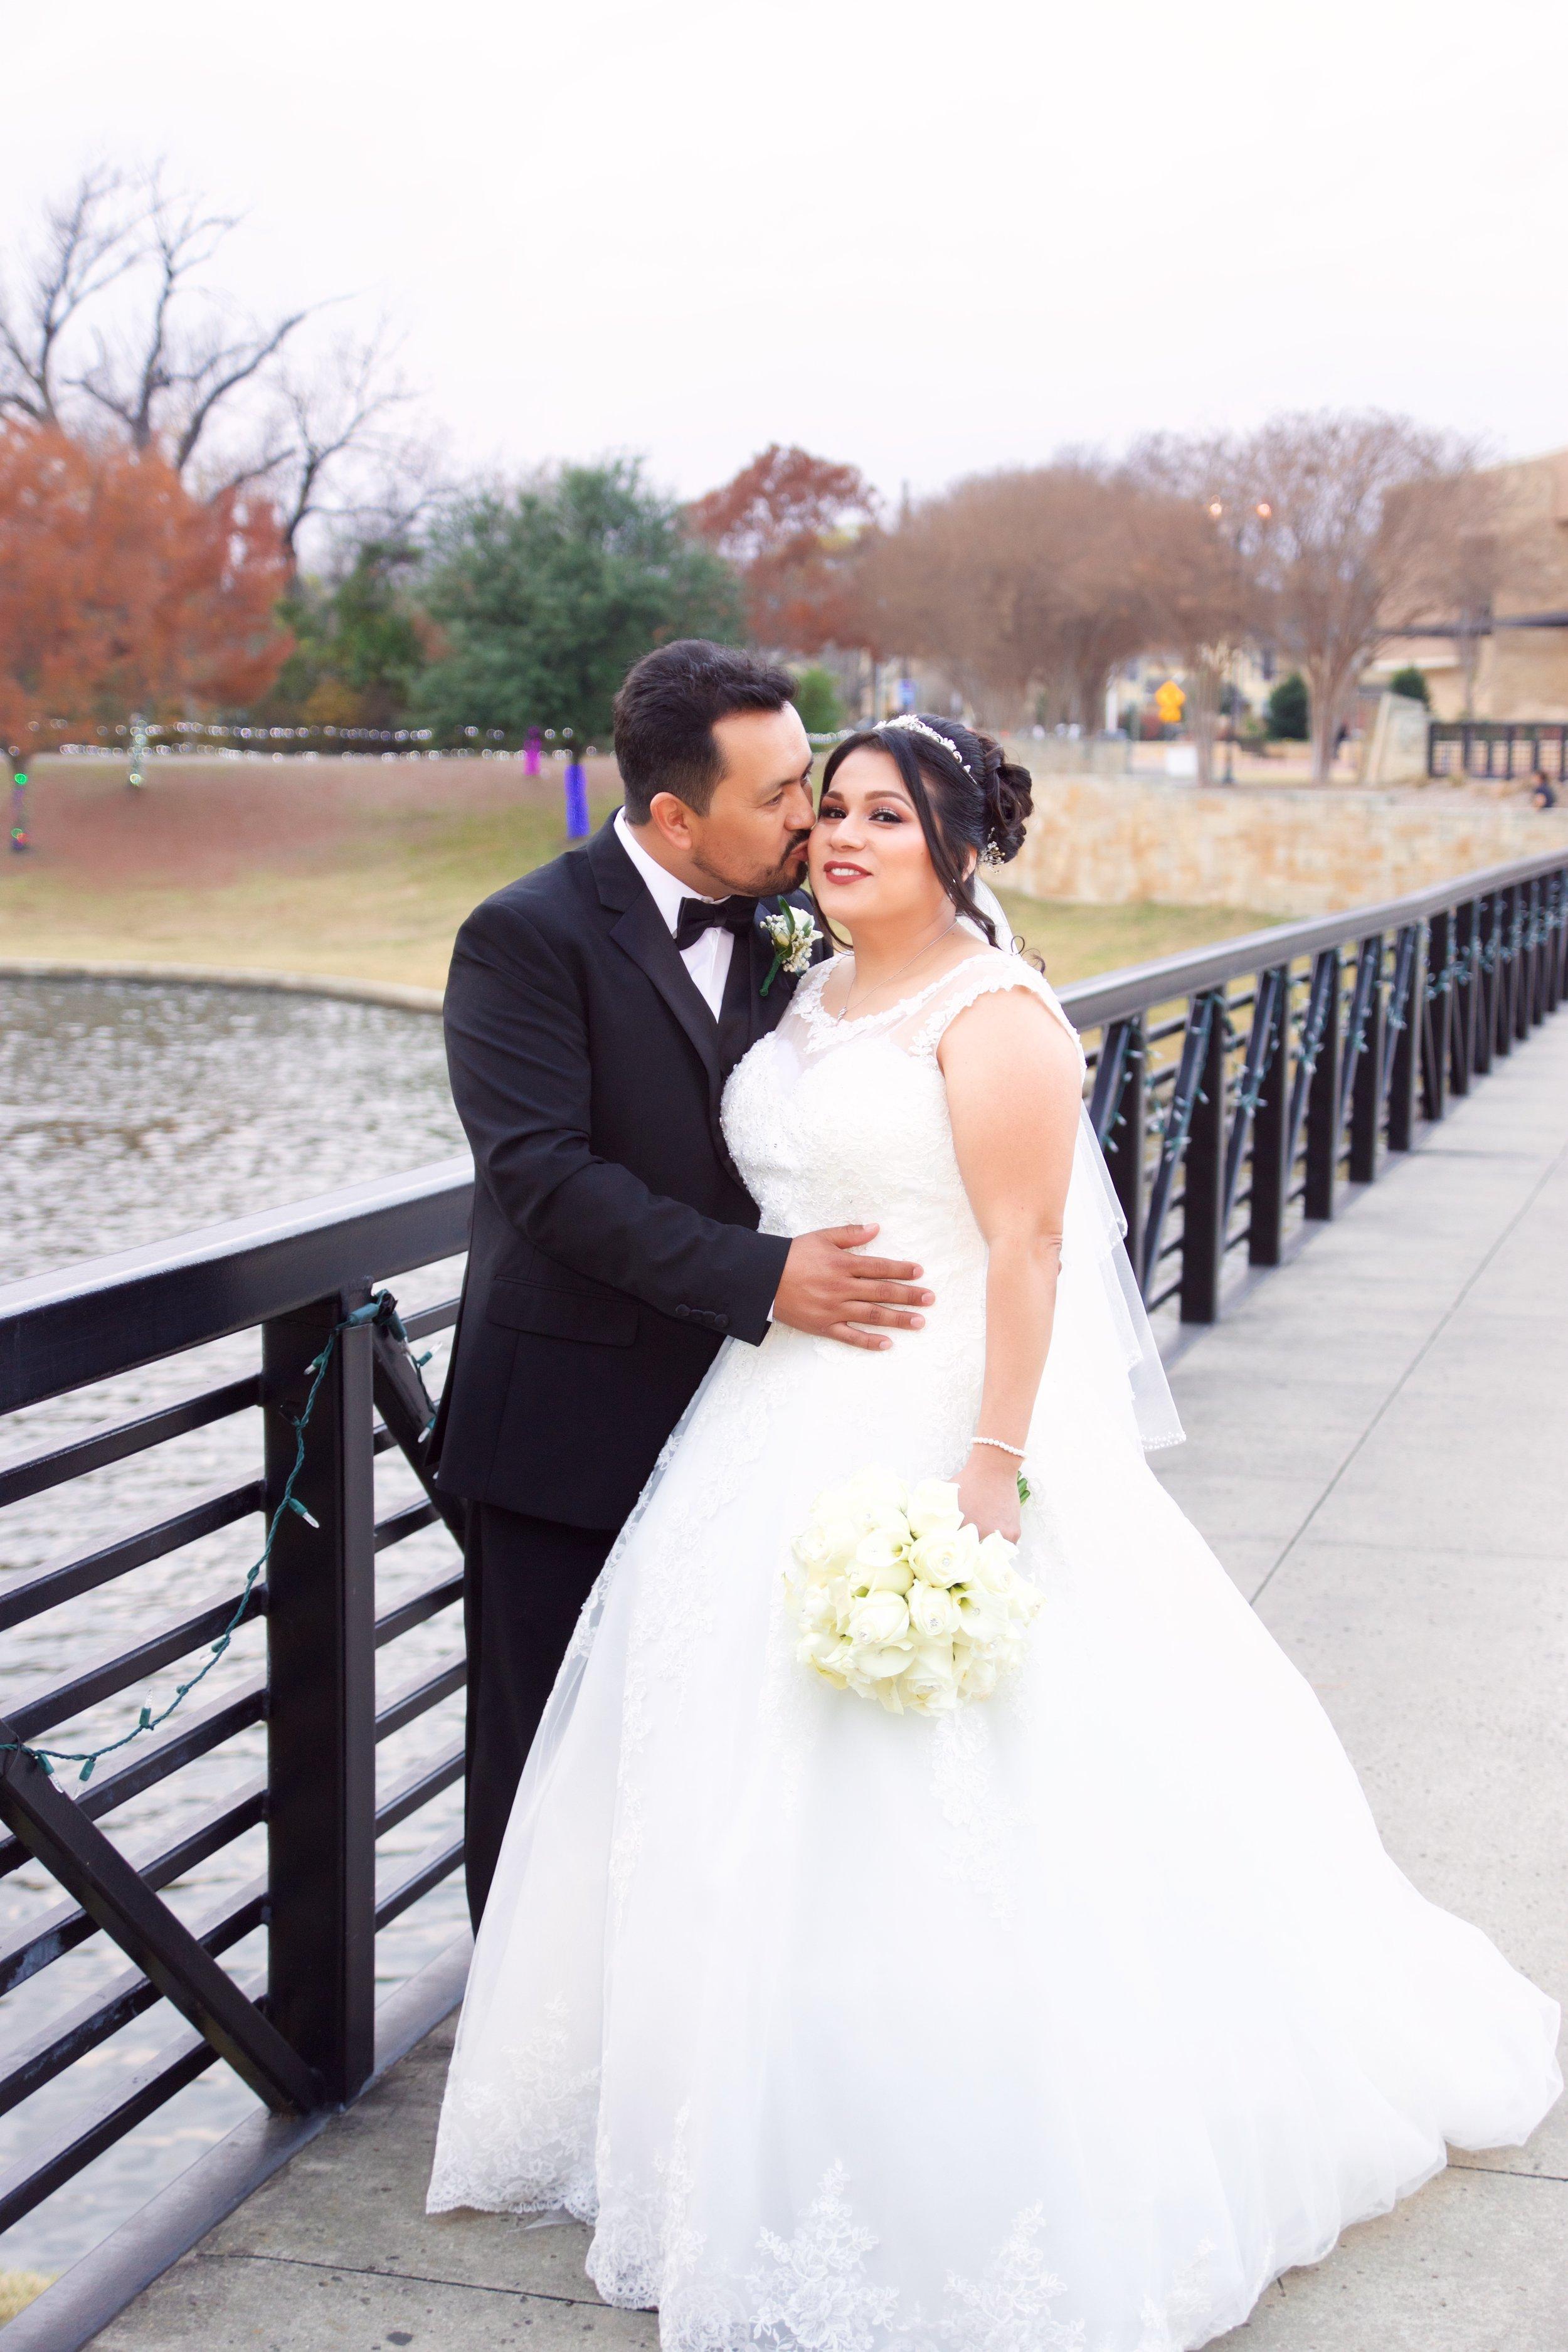 Jose & Cristina's Wedding - GRAND PARIE TEXAS